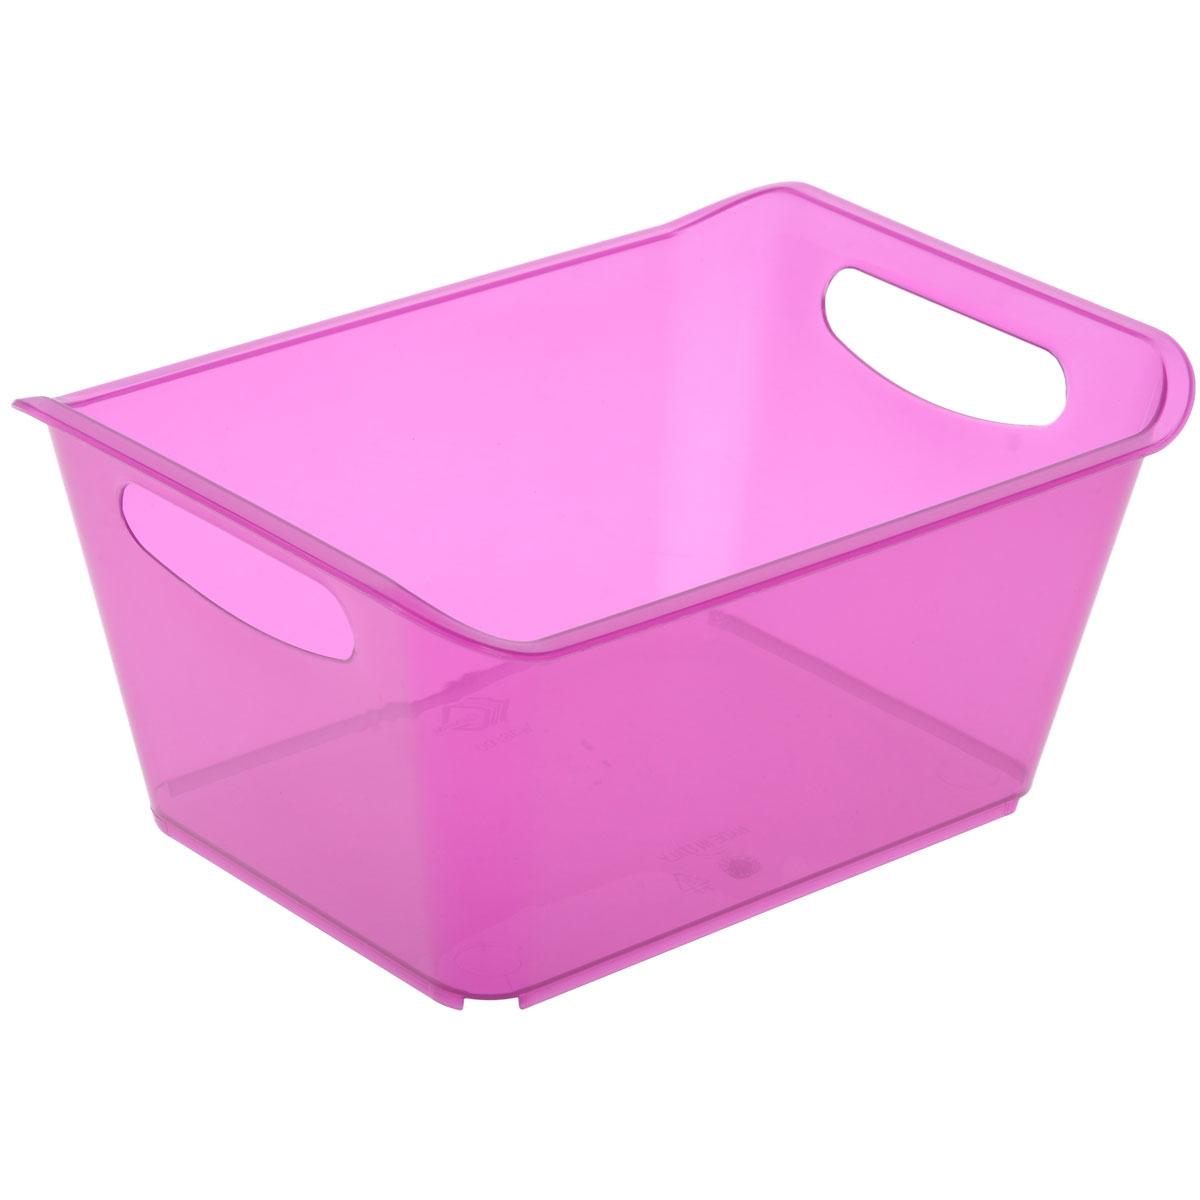 Контейнер Gensini, цвет: сиреневый, 1,5 лRG-D31SКонтейнер Gensini выполнен из прочного пластика. Он предназначен для хранения различных мелких вещей в ванной, на кухне, даче или гараже, исключая возможность их потери. По бокам контейнера предусмотрены две удобные ручки для его переноски.Контейнер поможет хранить все в одном месте, а также защитить вещи от пыли, грязи и влаги. Объем: 1,5 л.